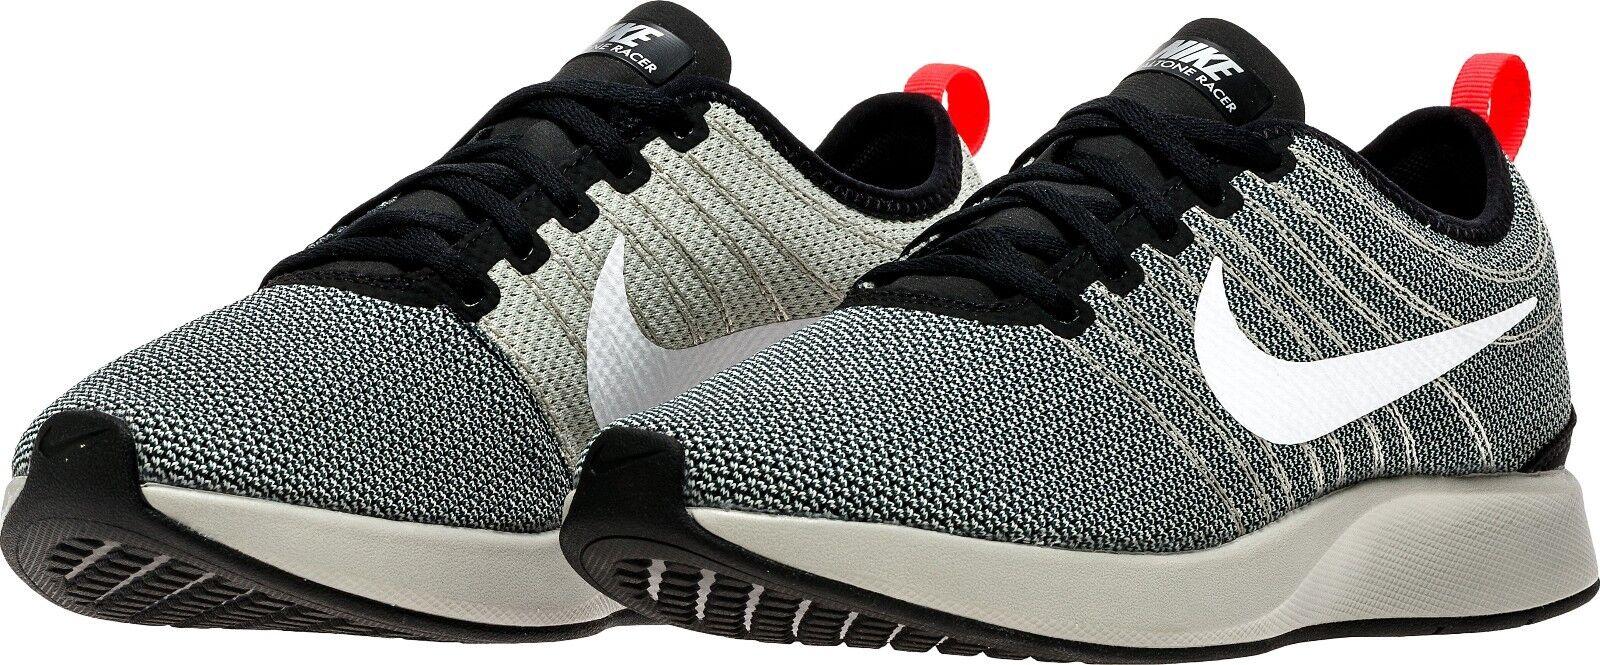 918227-001 chaussures Nike Dualtone Racer fonctionnement chaussures 918227-001 noir/Wht-Pale  Gris 2d6740